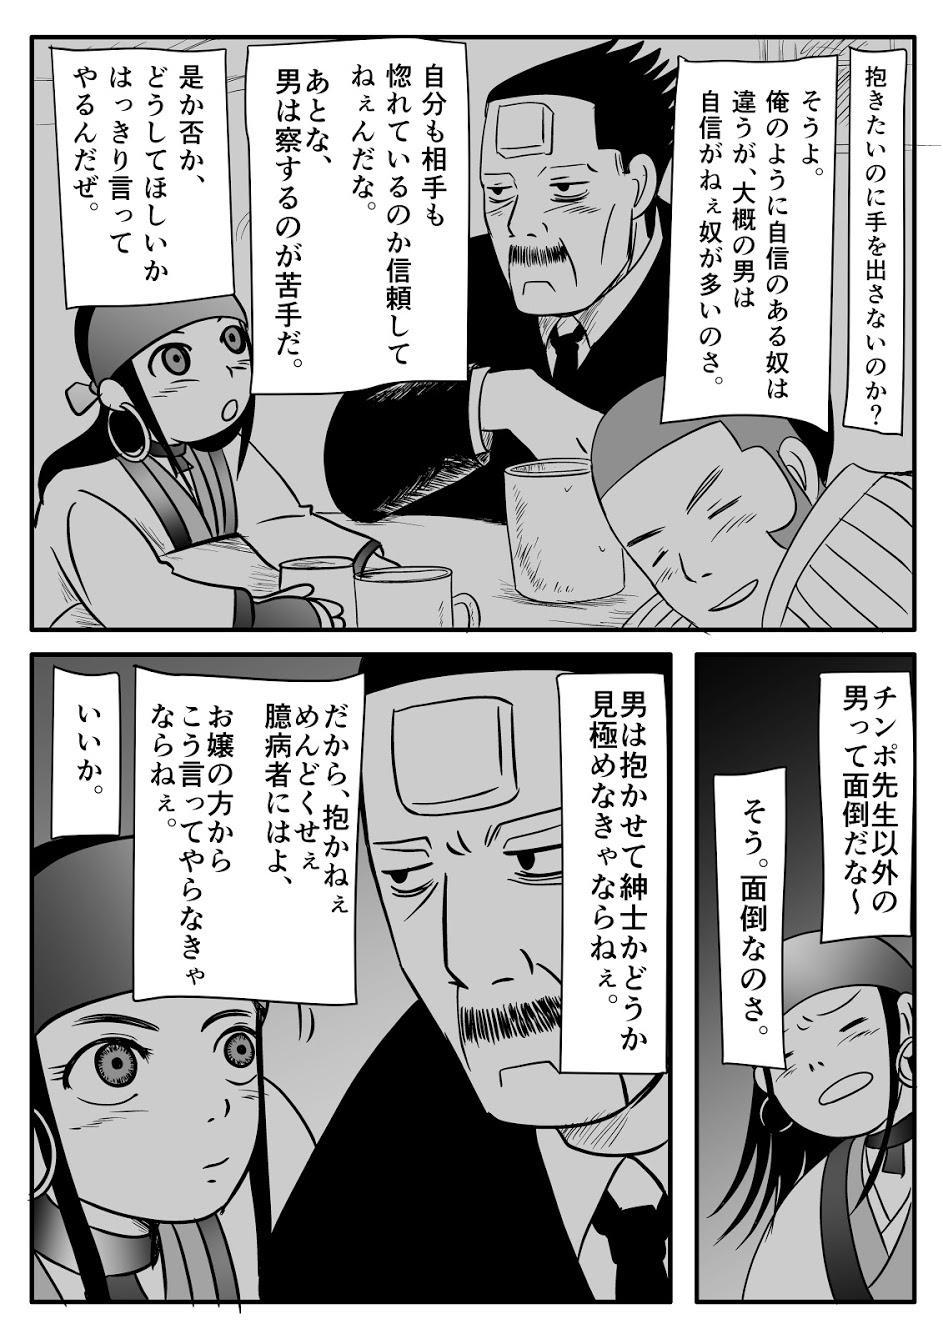 Toko no Koto 54